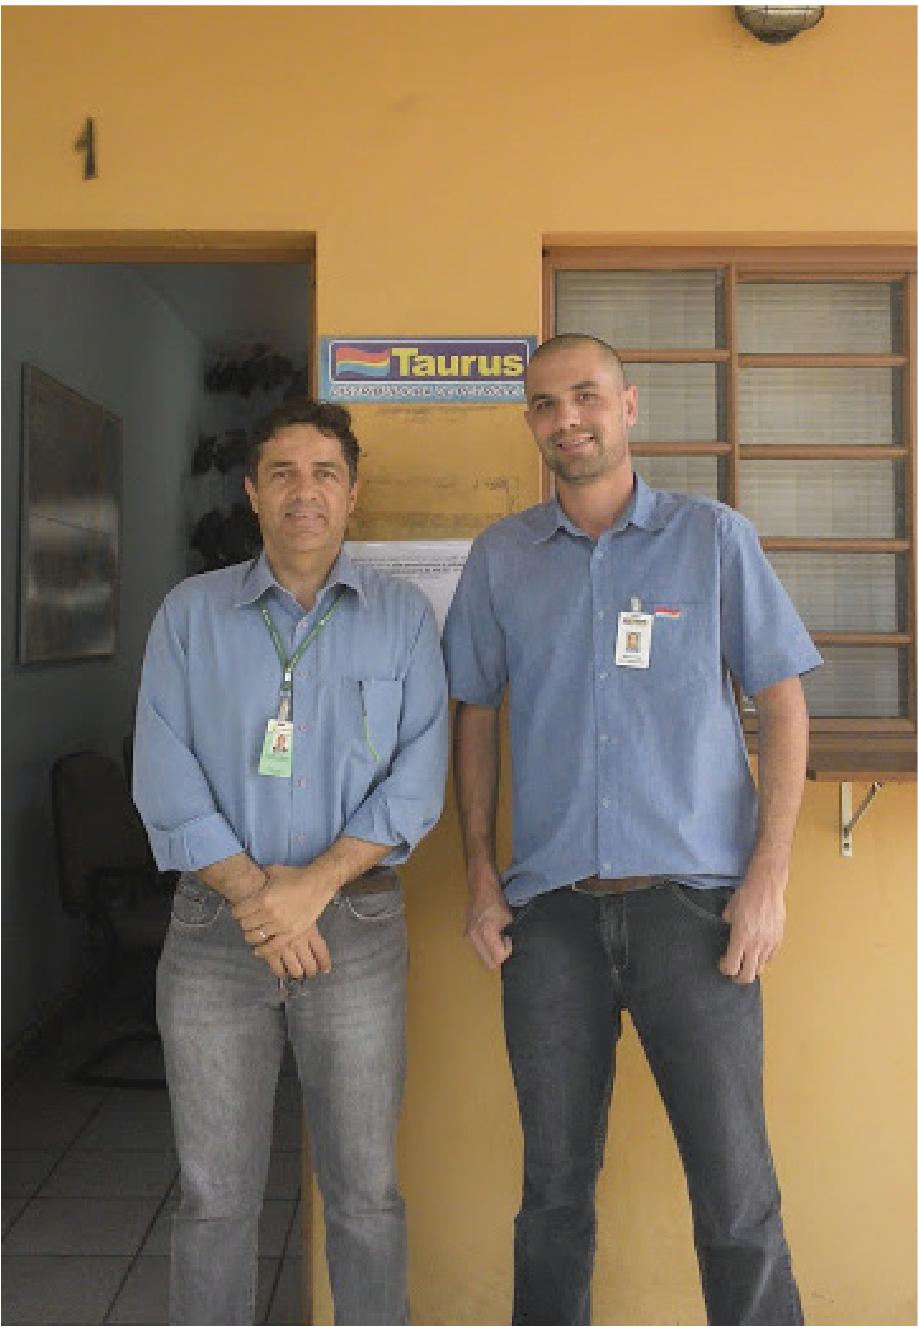 Juarez Dezordi e Mauro Miron, que atualmente ocupa um cargo de Diretoria na REPLAN, em setembro de 2012.